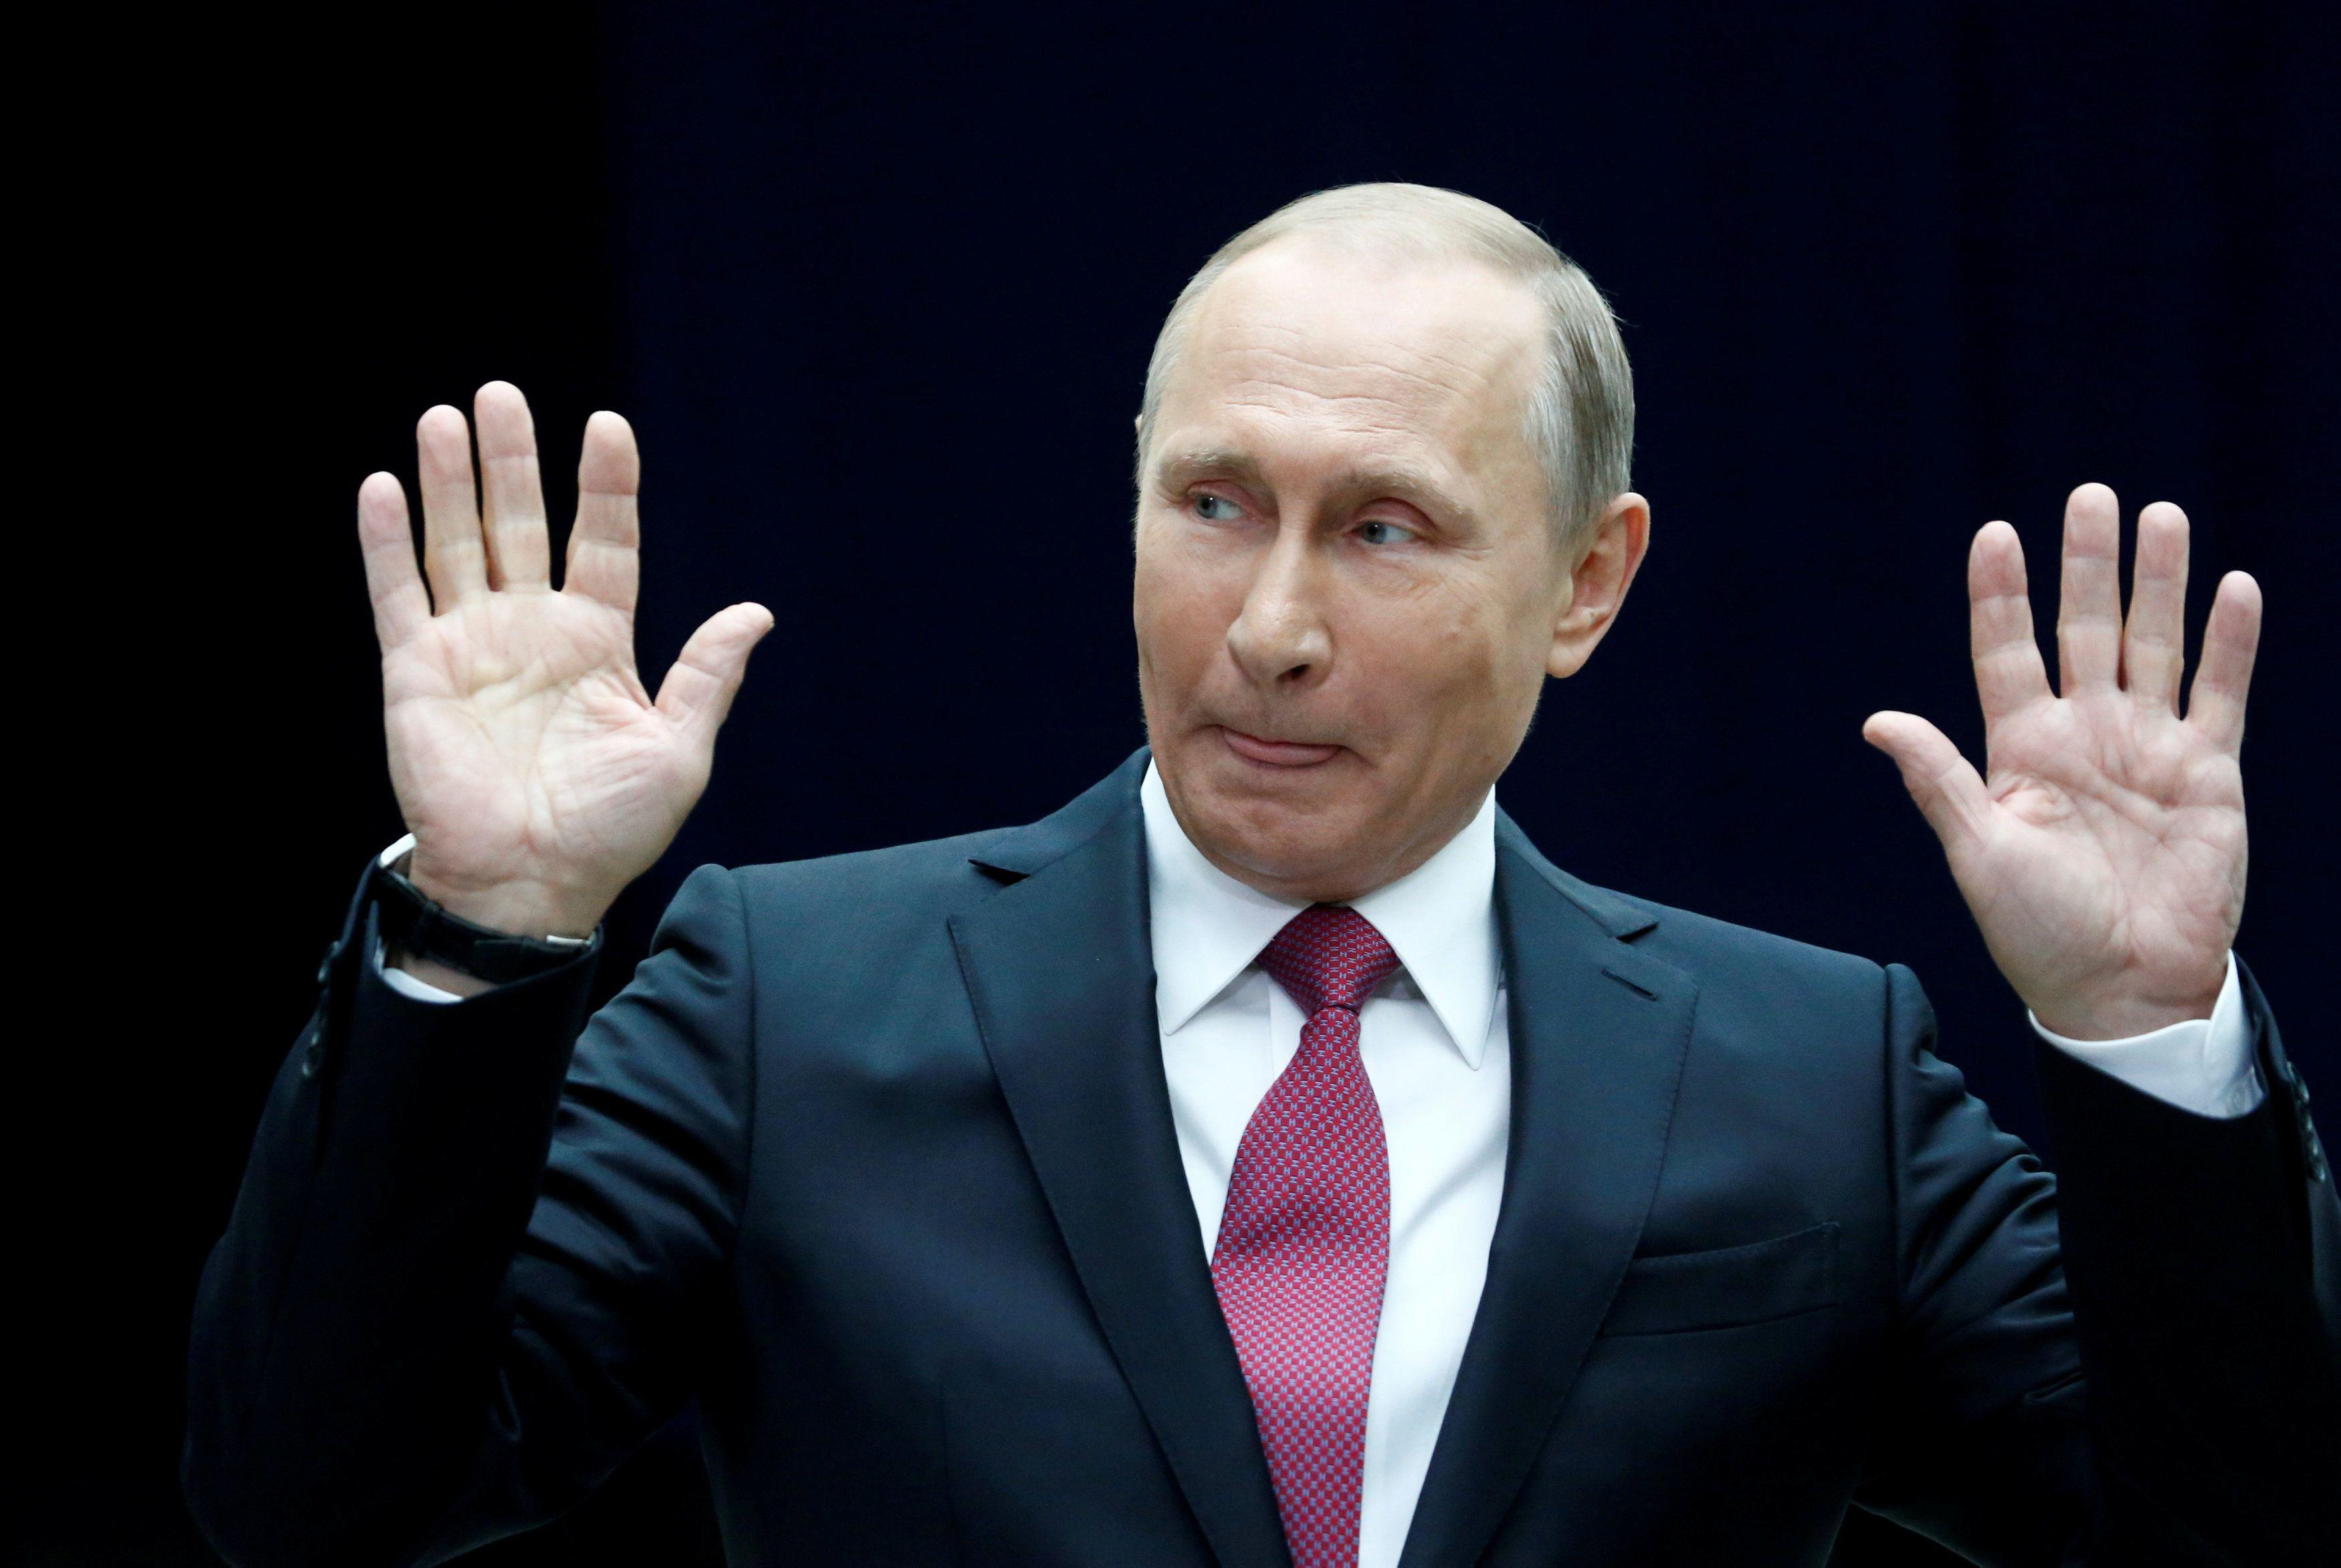 Свободной при Путине Россия не будет - Шендерович